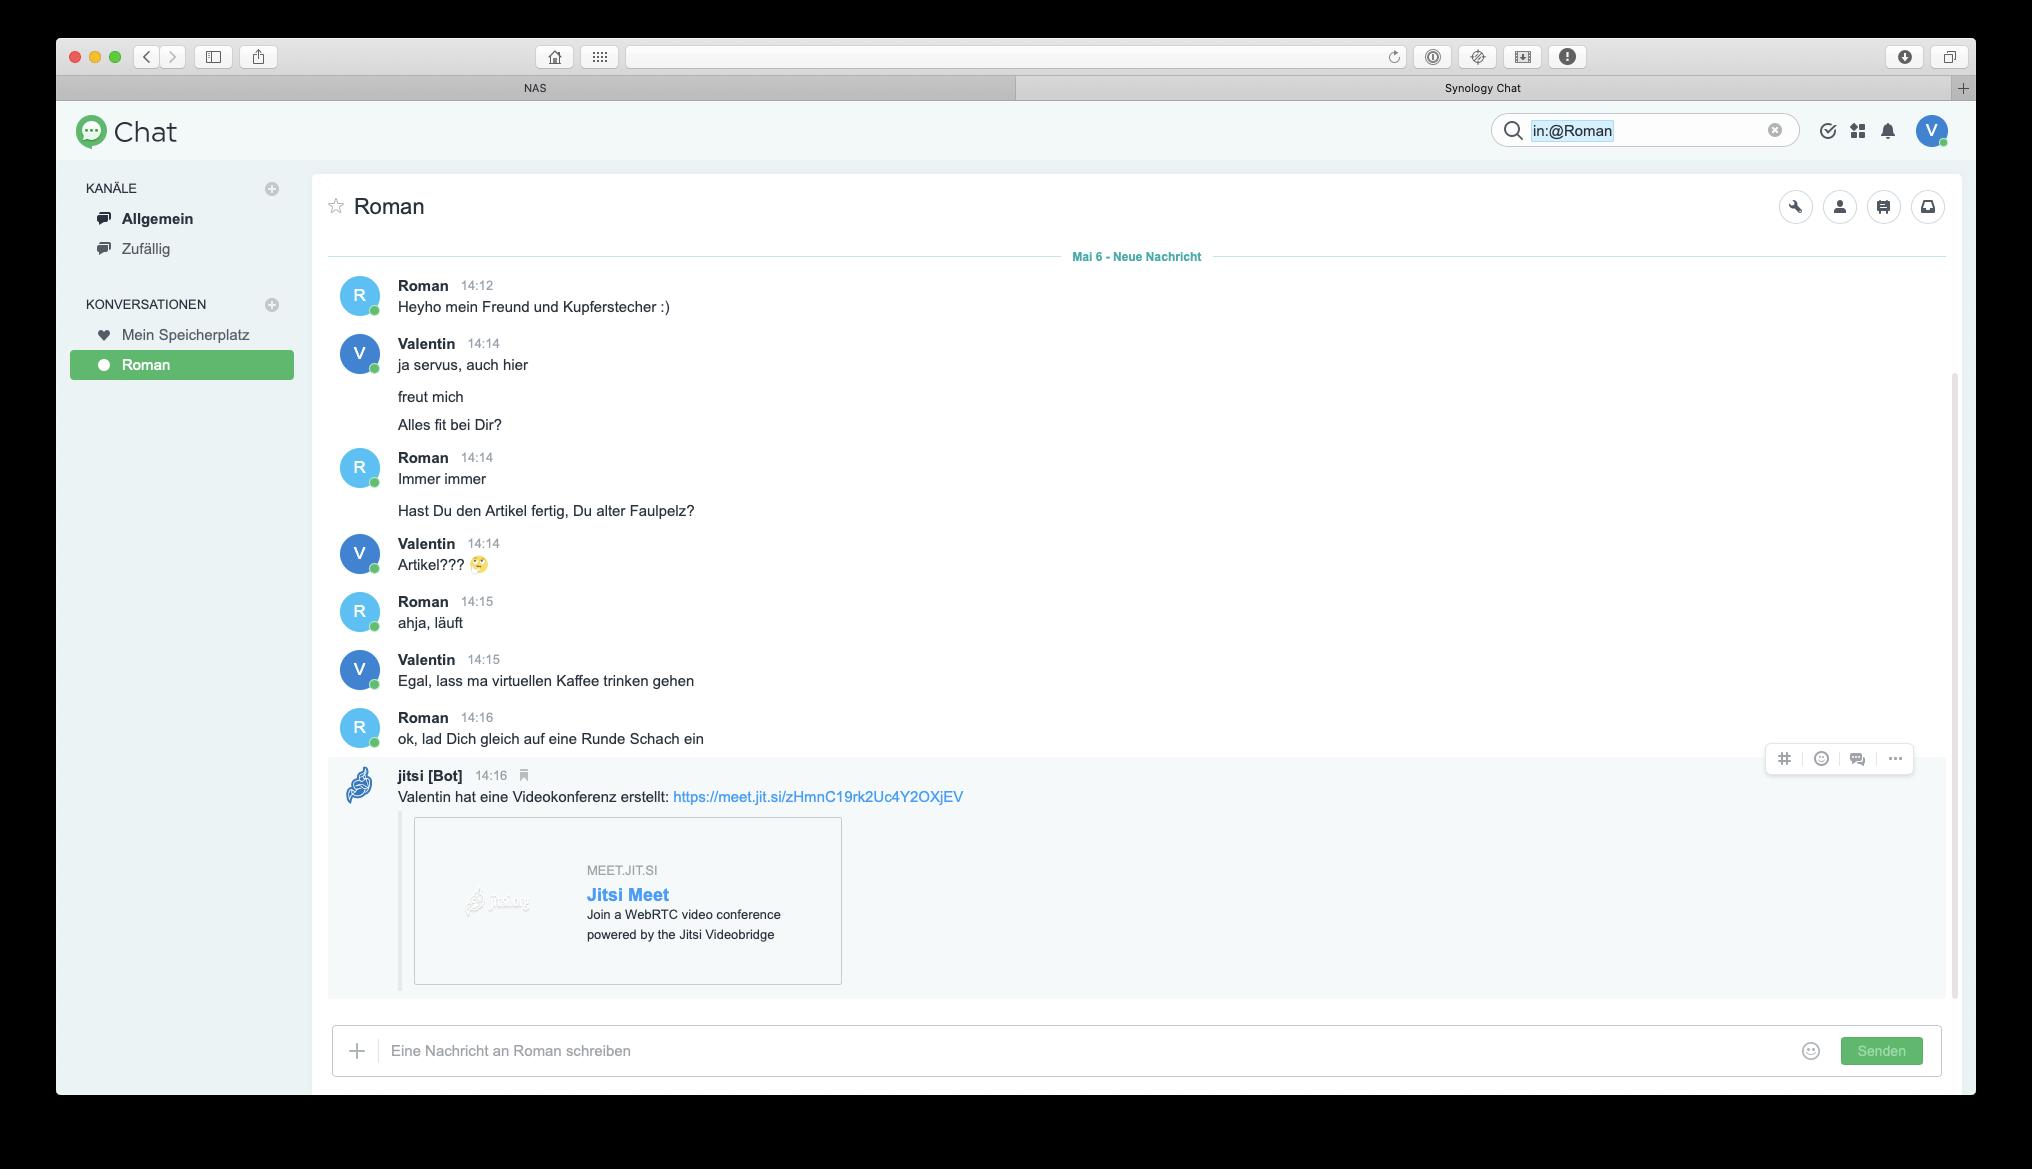 Automatische Erstellung einer Jitsi-Einladung